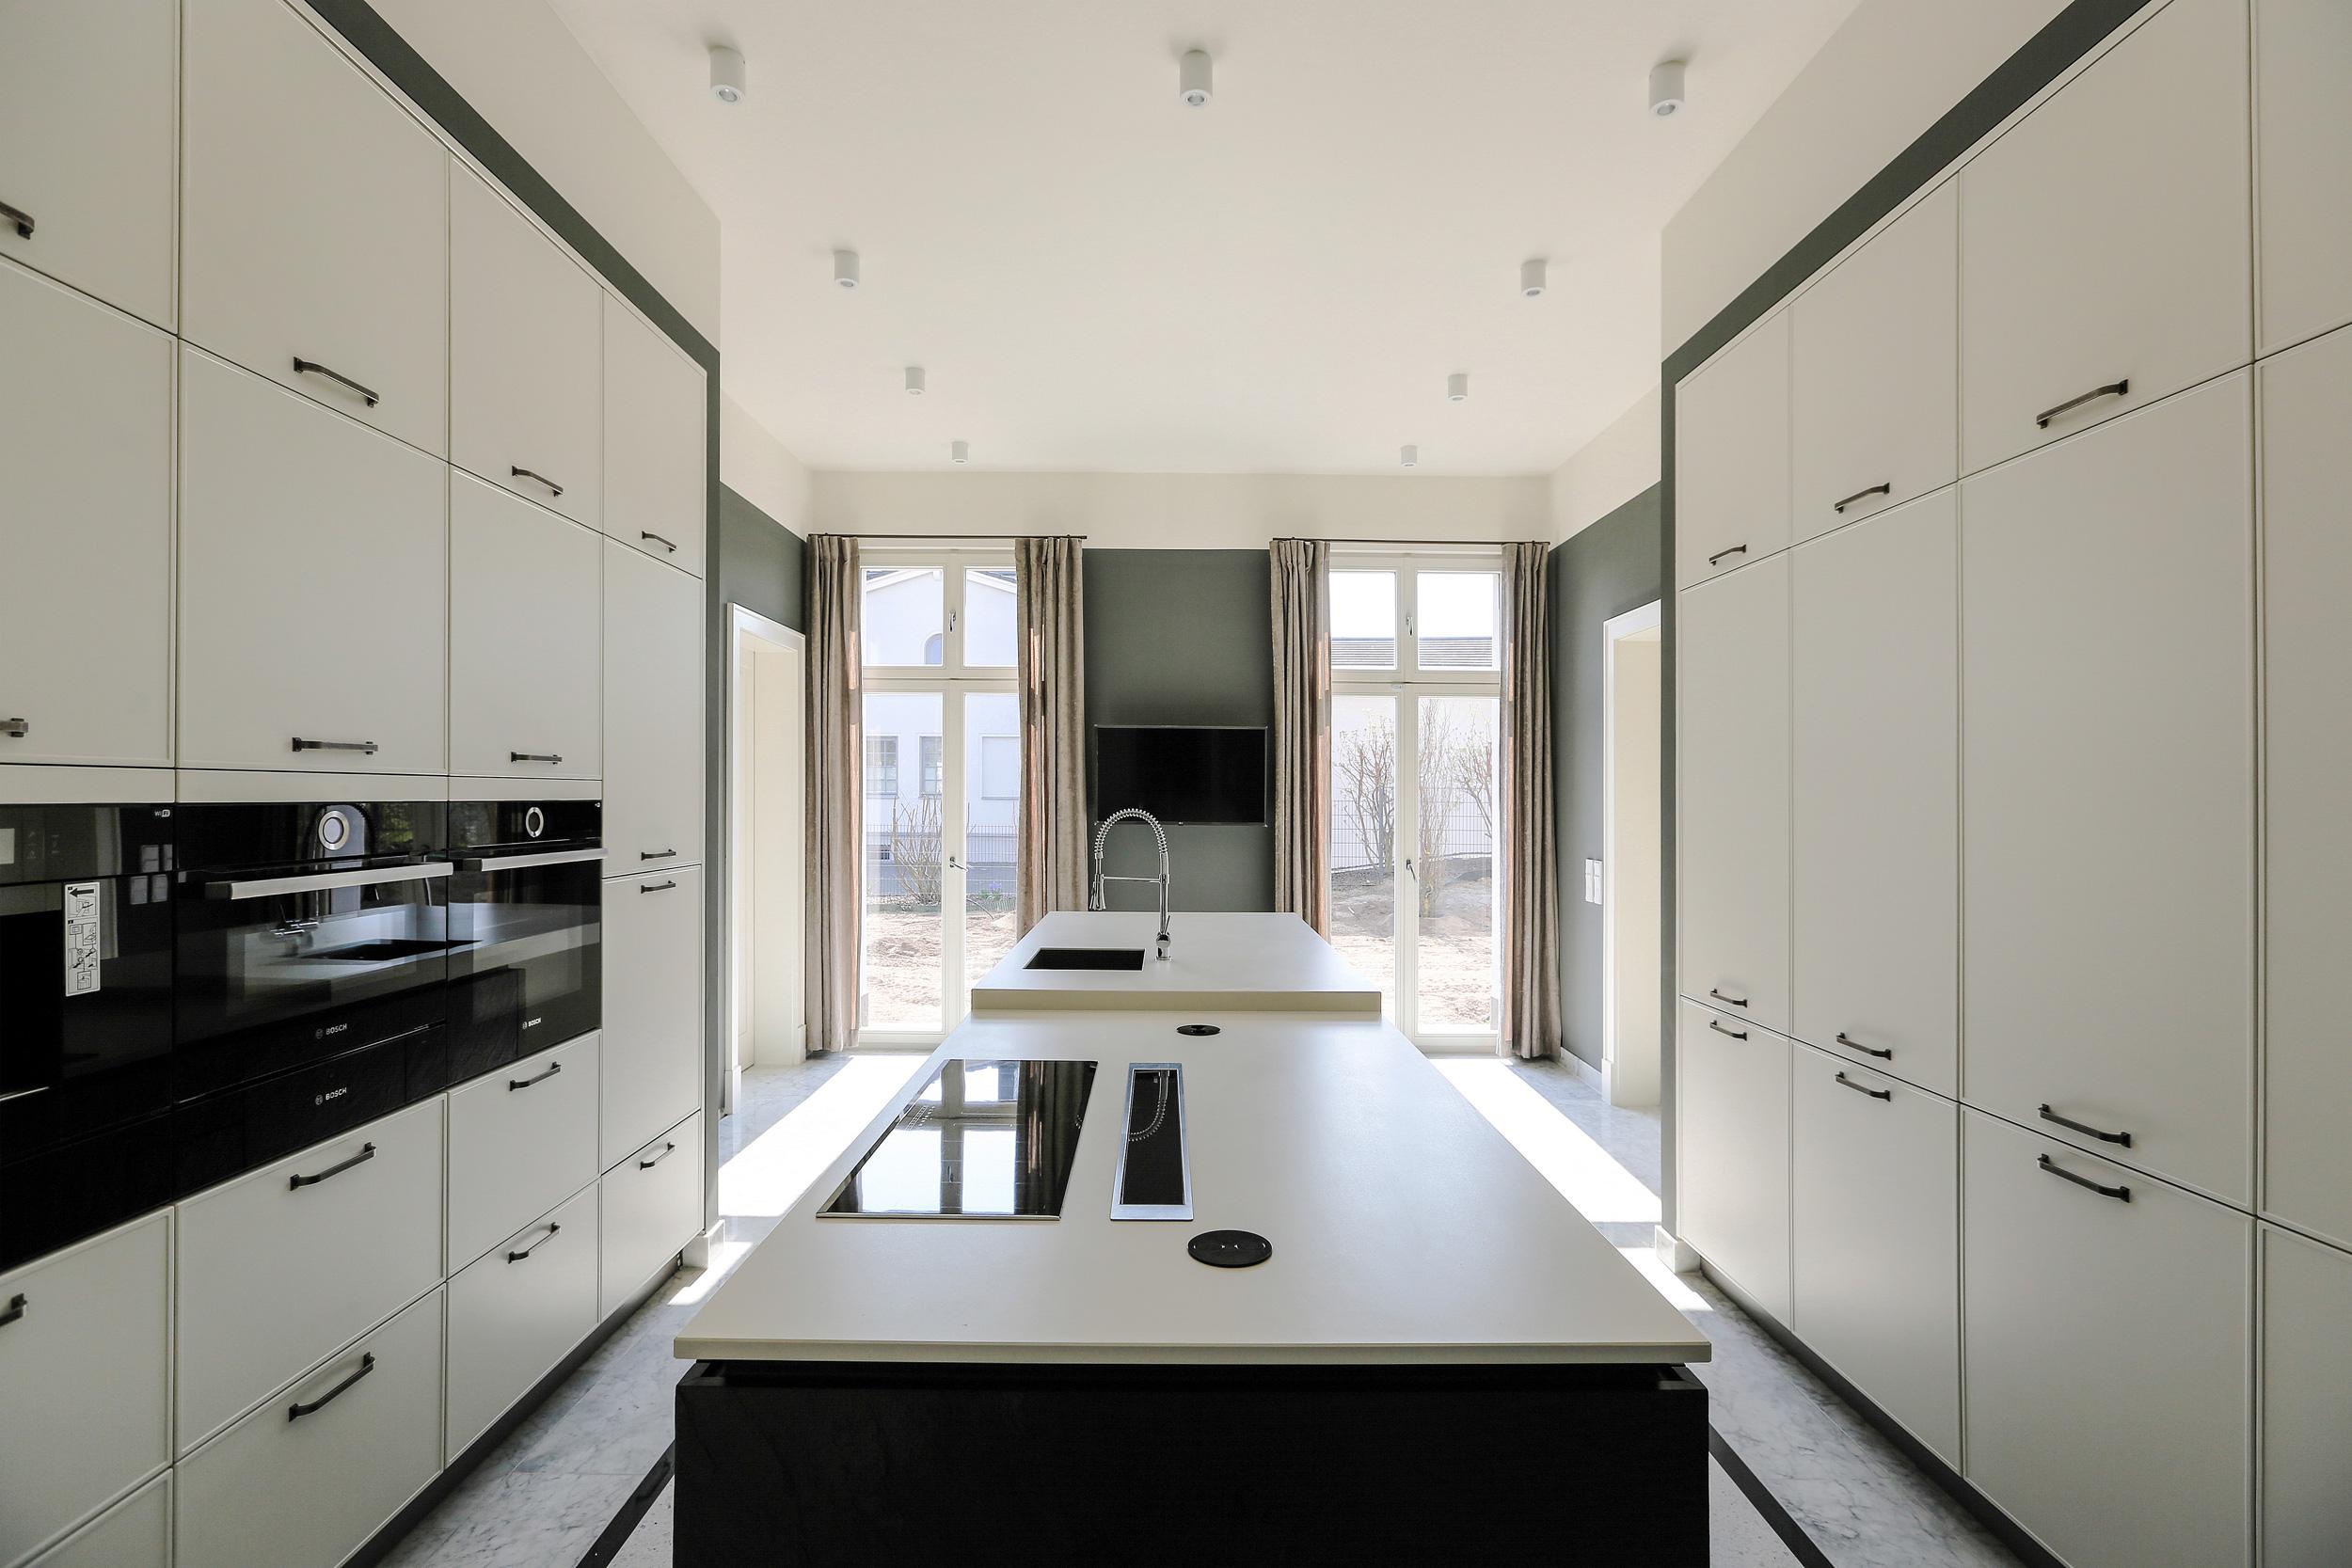 Neubau einer Villa im Klassik-Stil in Potsdam - Der Küchentresen wurde als Mittelblock zentral in der Küche angeordnet.